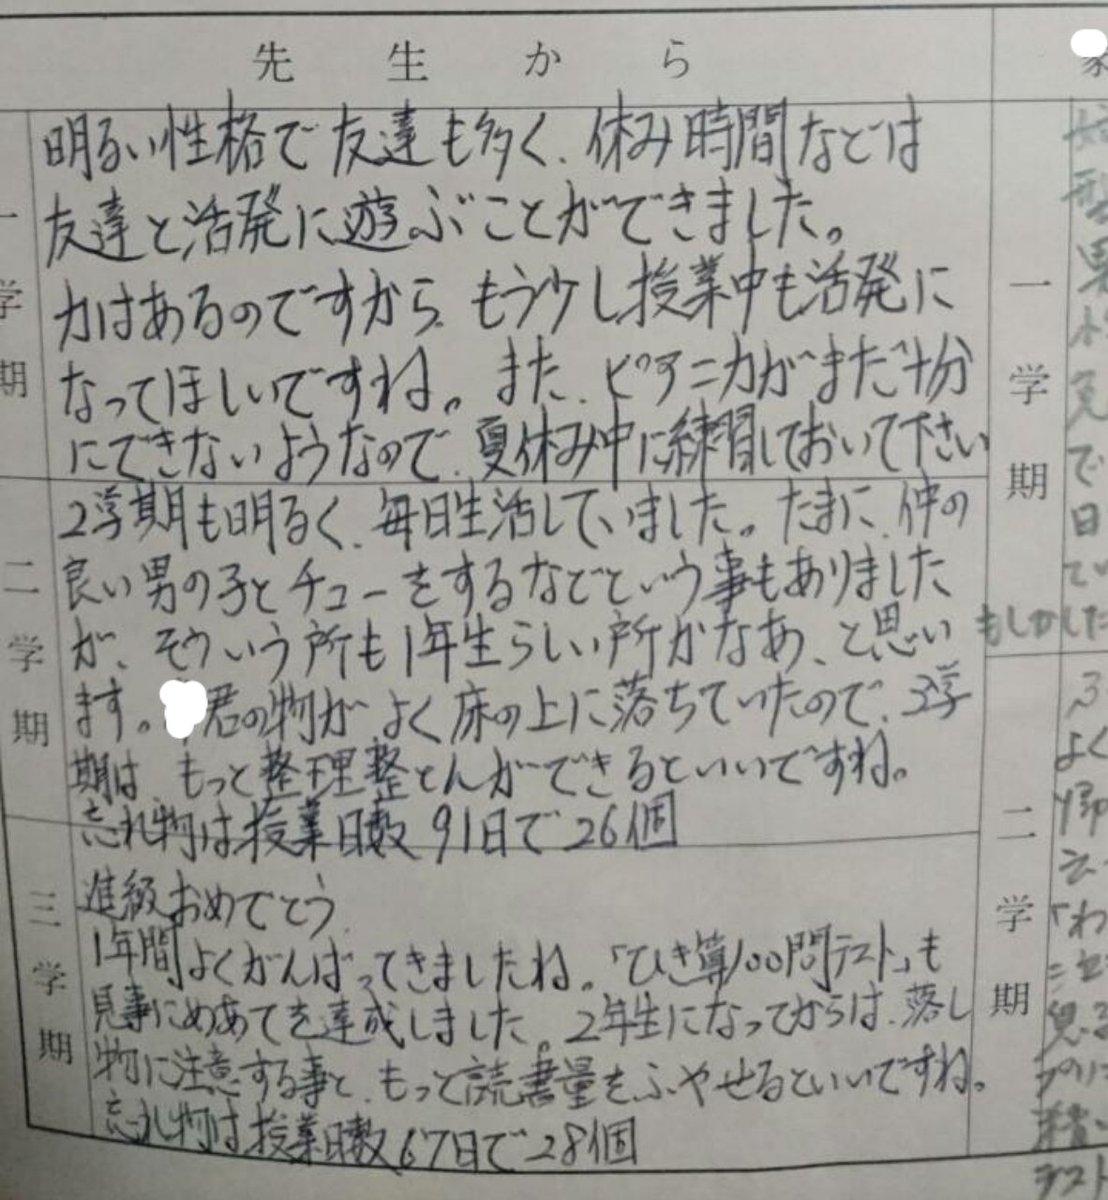 小学1年生の時の 忘れ物大杉 https://t.co/nMgGSQNM1P